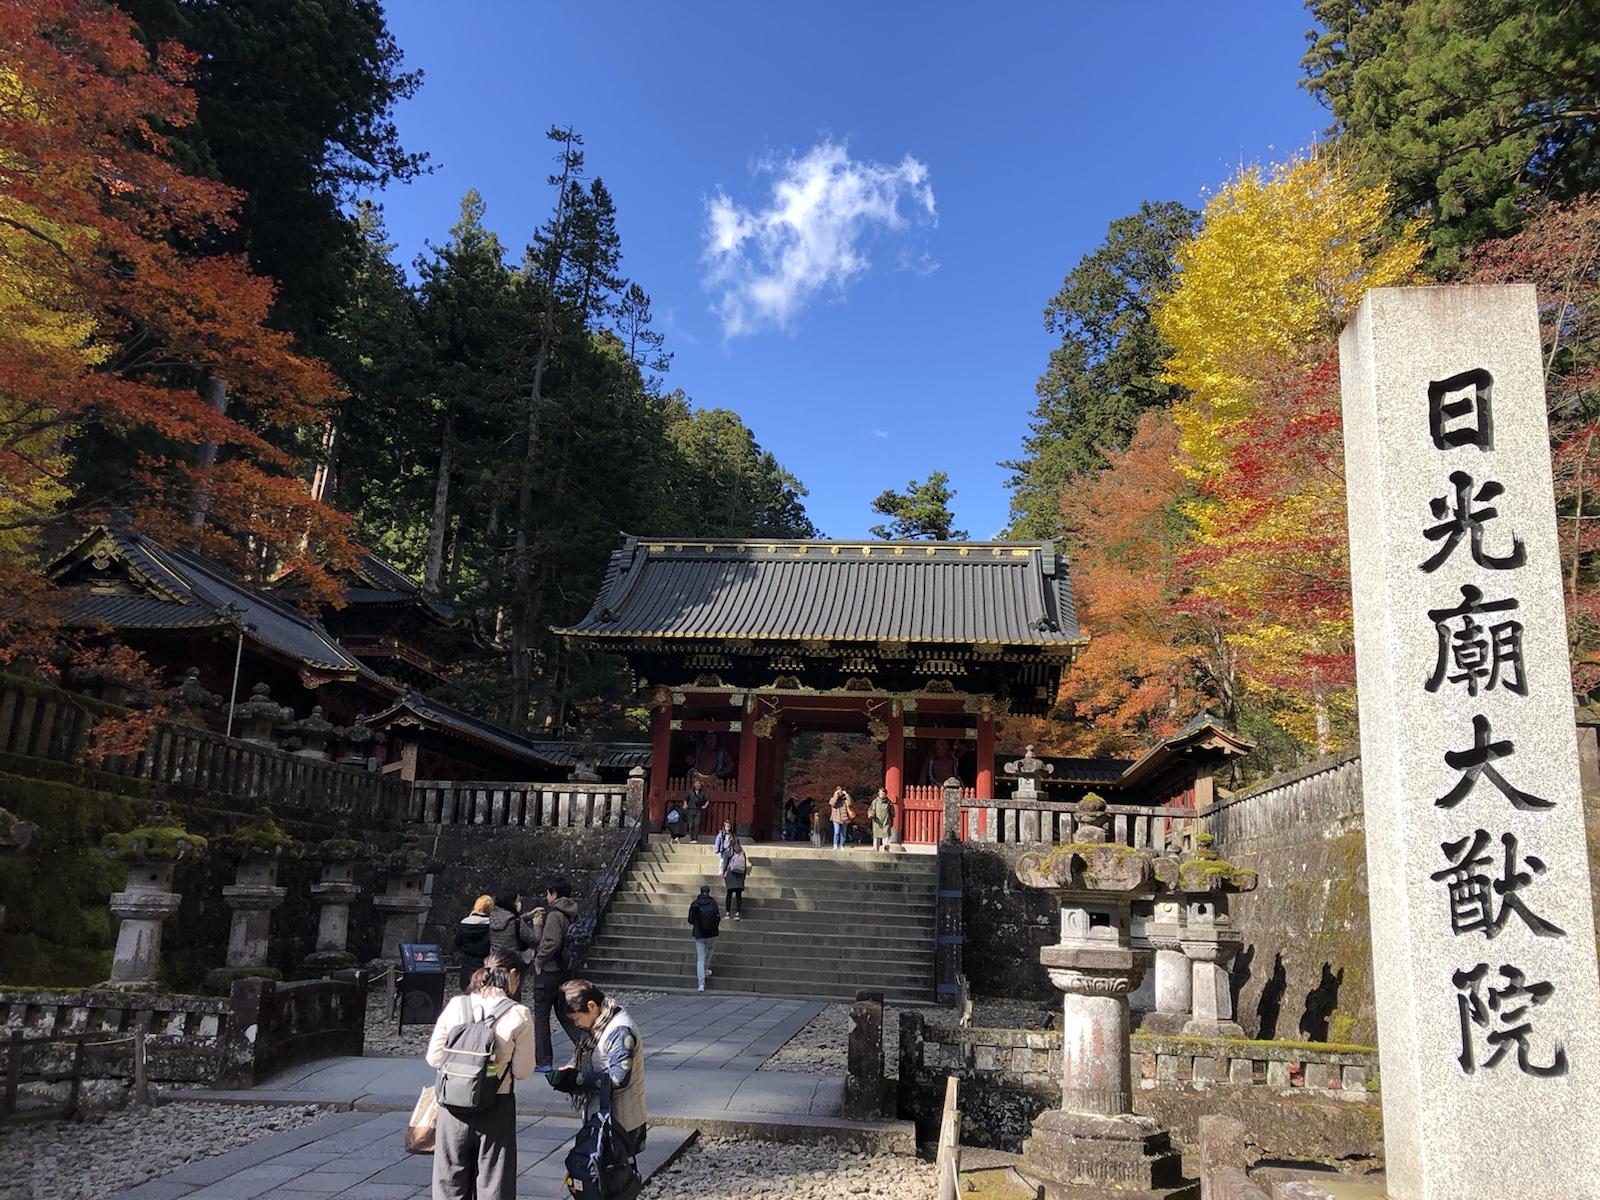 世界遺産「日光の社寺」!二荒山神社と輪王寺大猷院